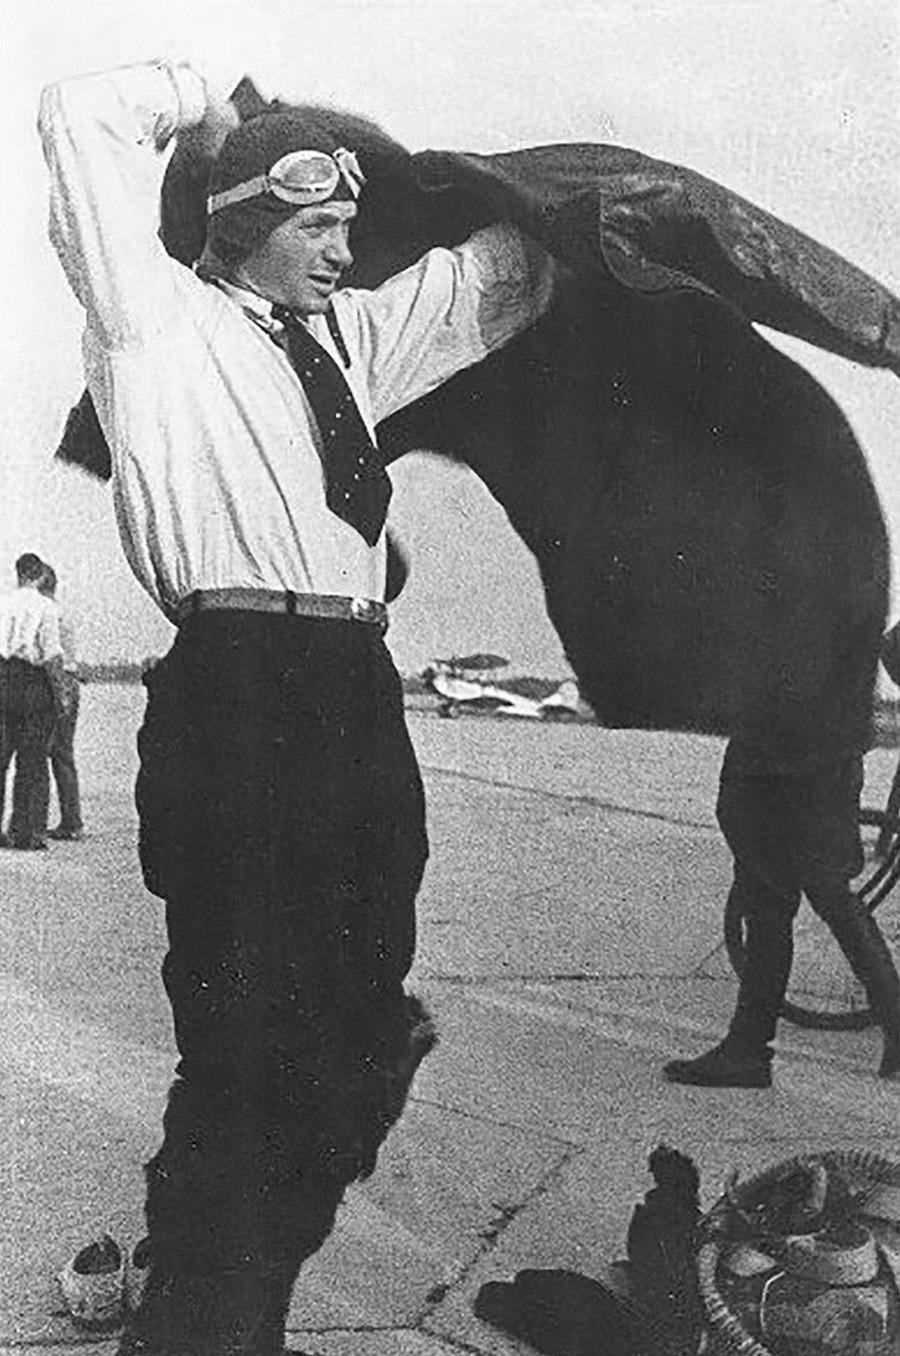 Летчик-испытатель Владимир Коккинаки перед очередным полетом, 1930-е